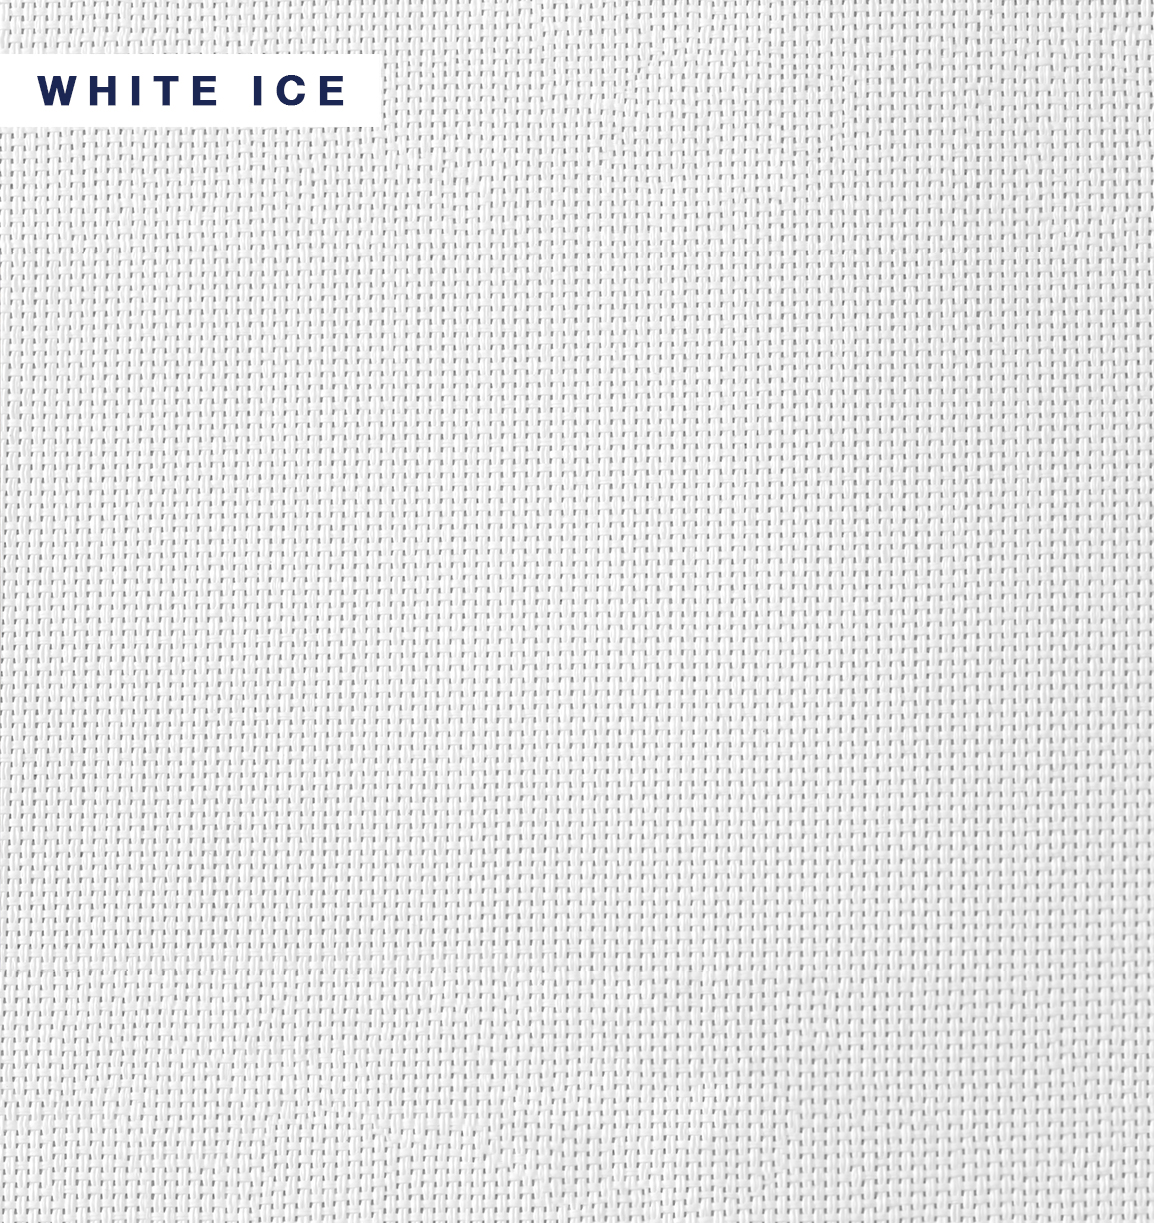 Duo Screen - White Ice.jpg